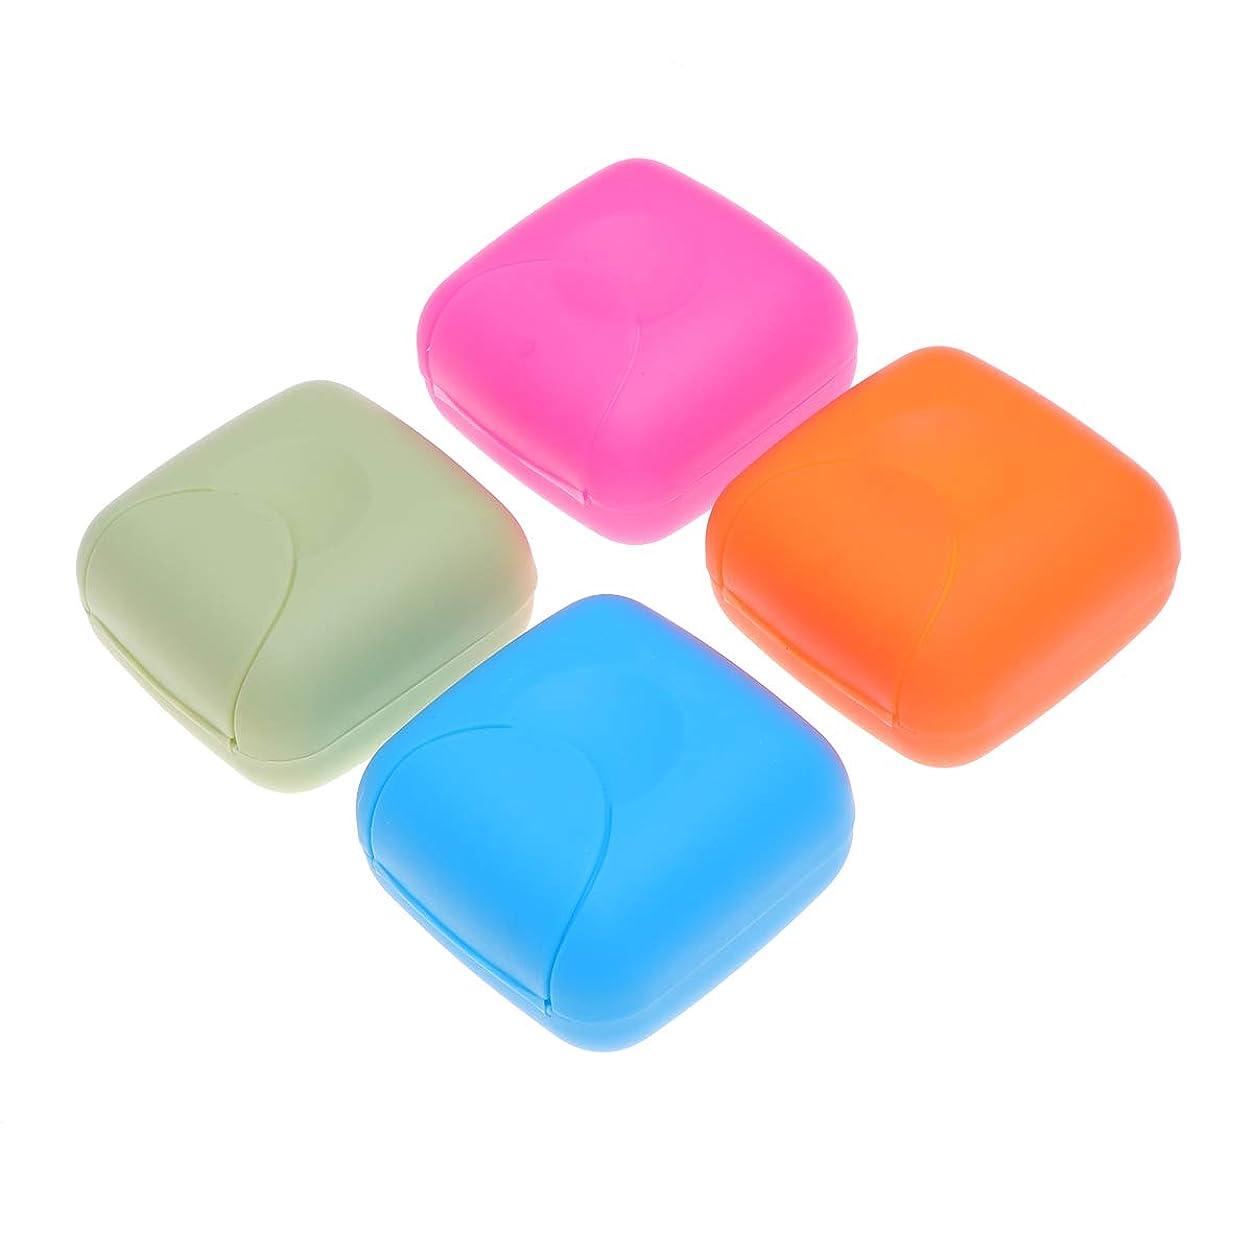 トラフフィクションアライメントHealifty ソープボックスポータブルソープディッシュソープケース4本(ブルー、ロージー、オレンジ、ピンク)